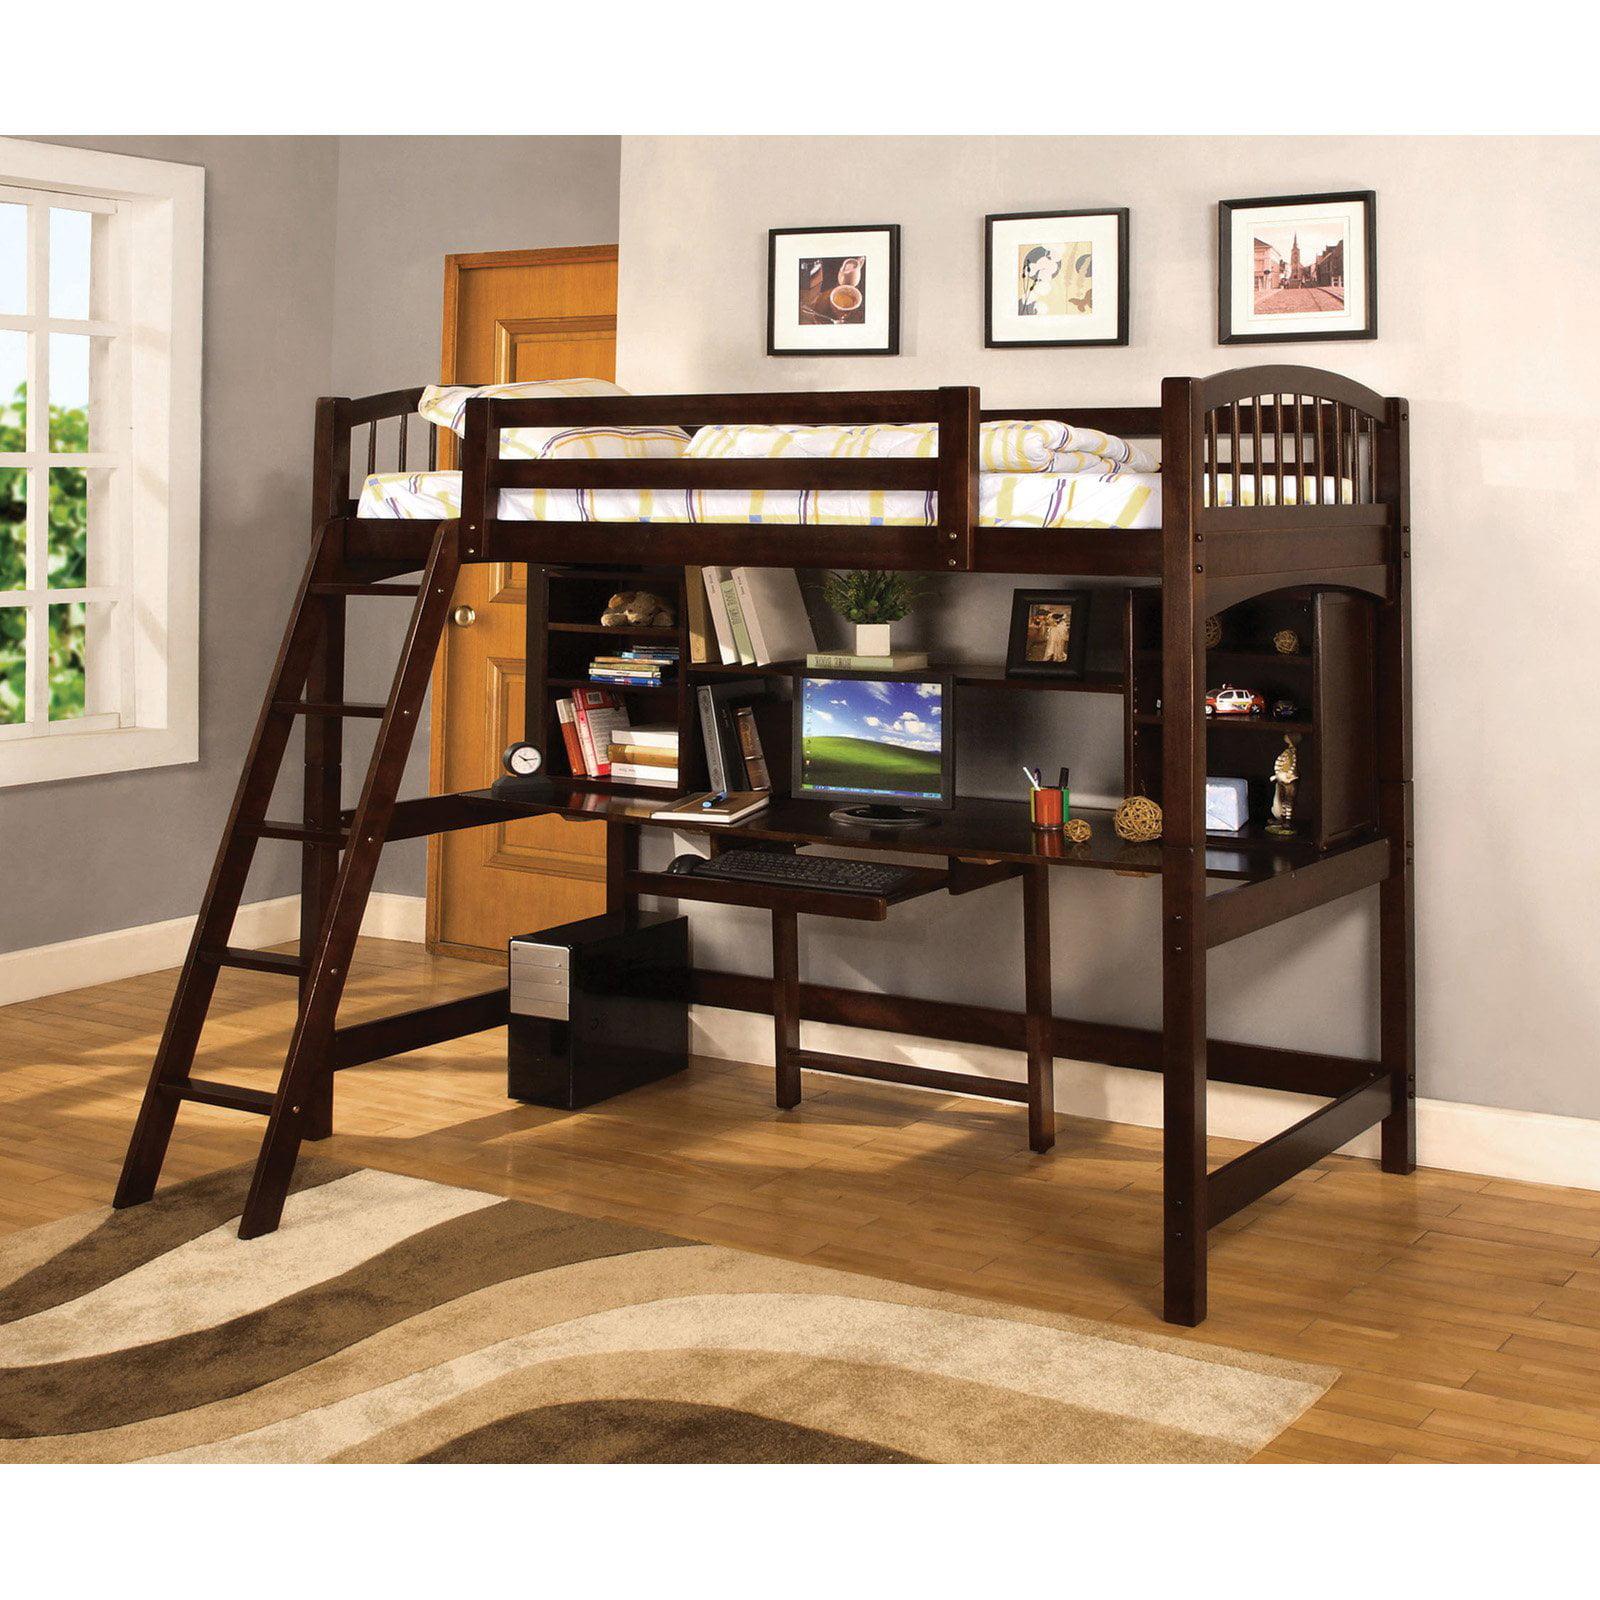 Furniture of America Bowery Bookcase Twin Loft Bed - Espresso